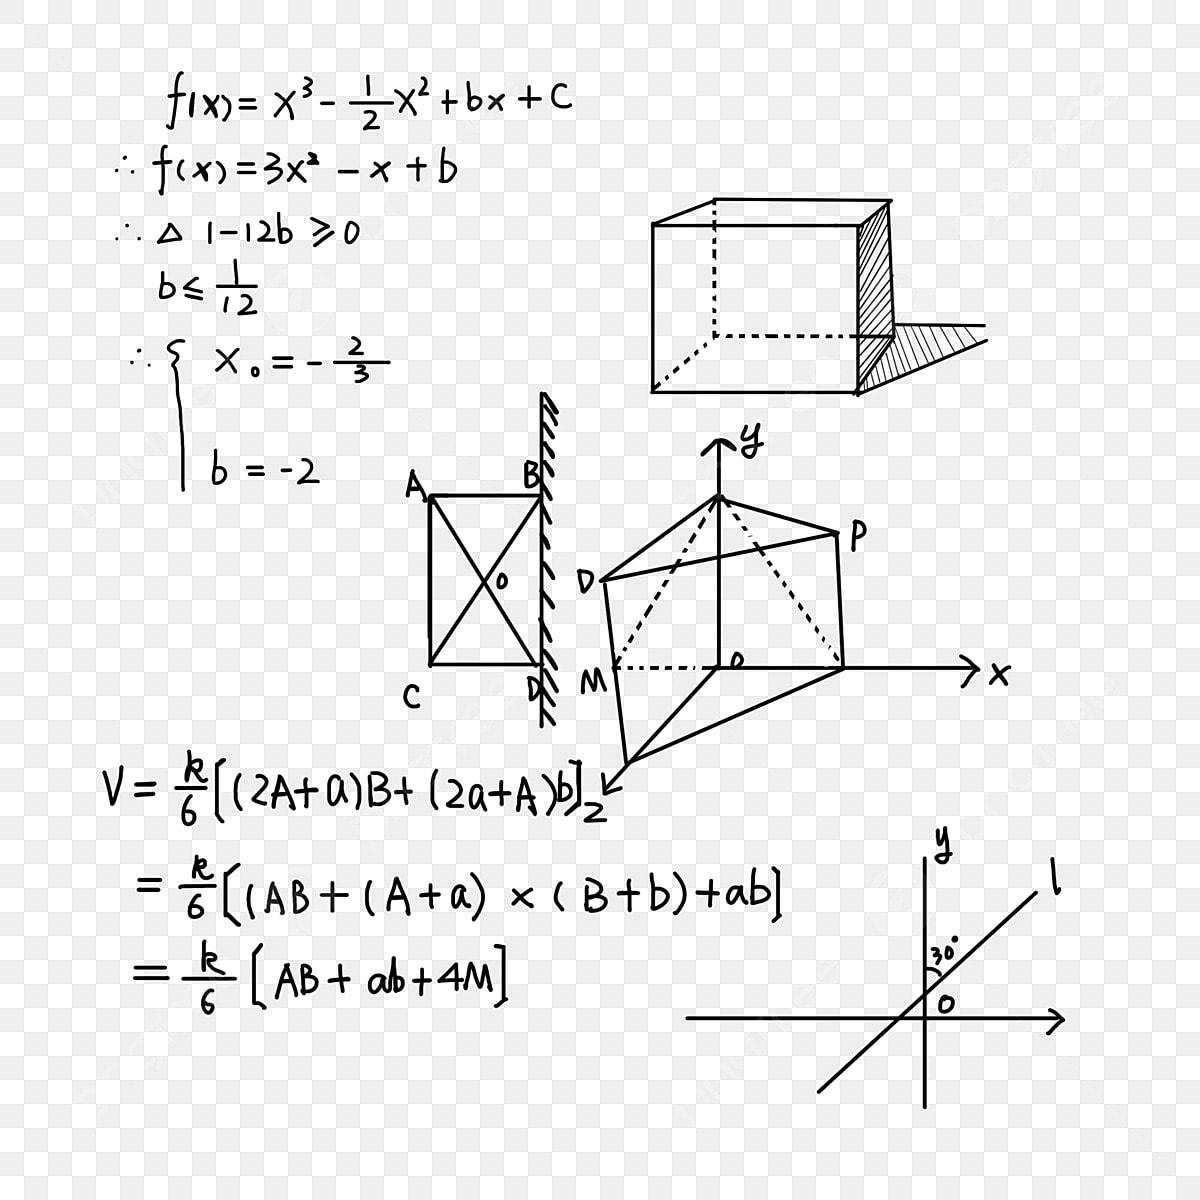 学習 方程式 数式 デジタル数学式 学習画像とpsd素材ファイルの無料ダウンロード Pngtree